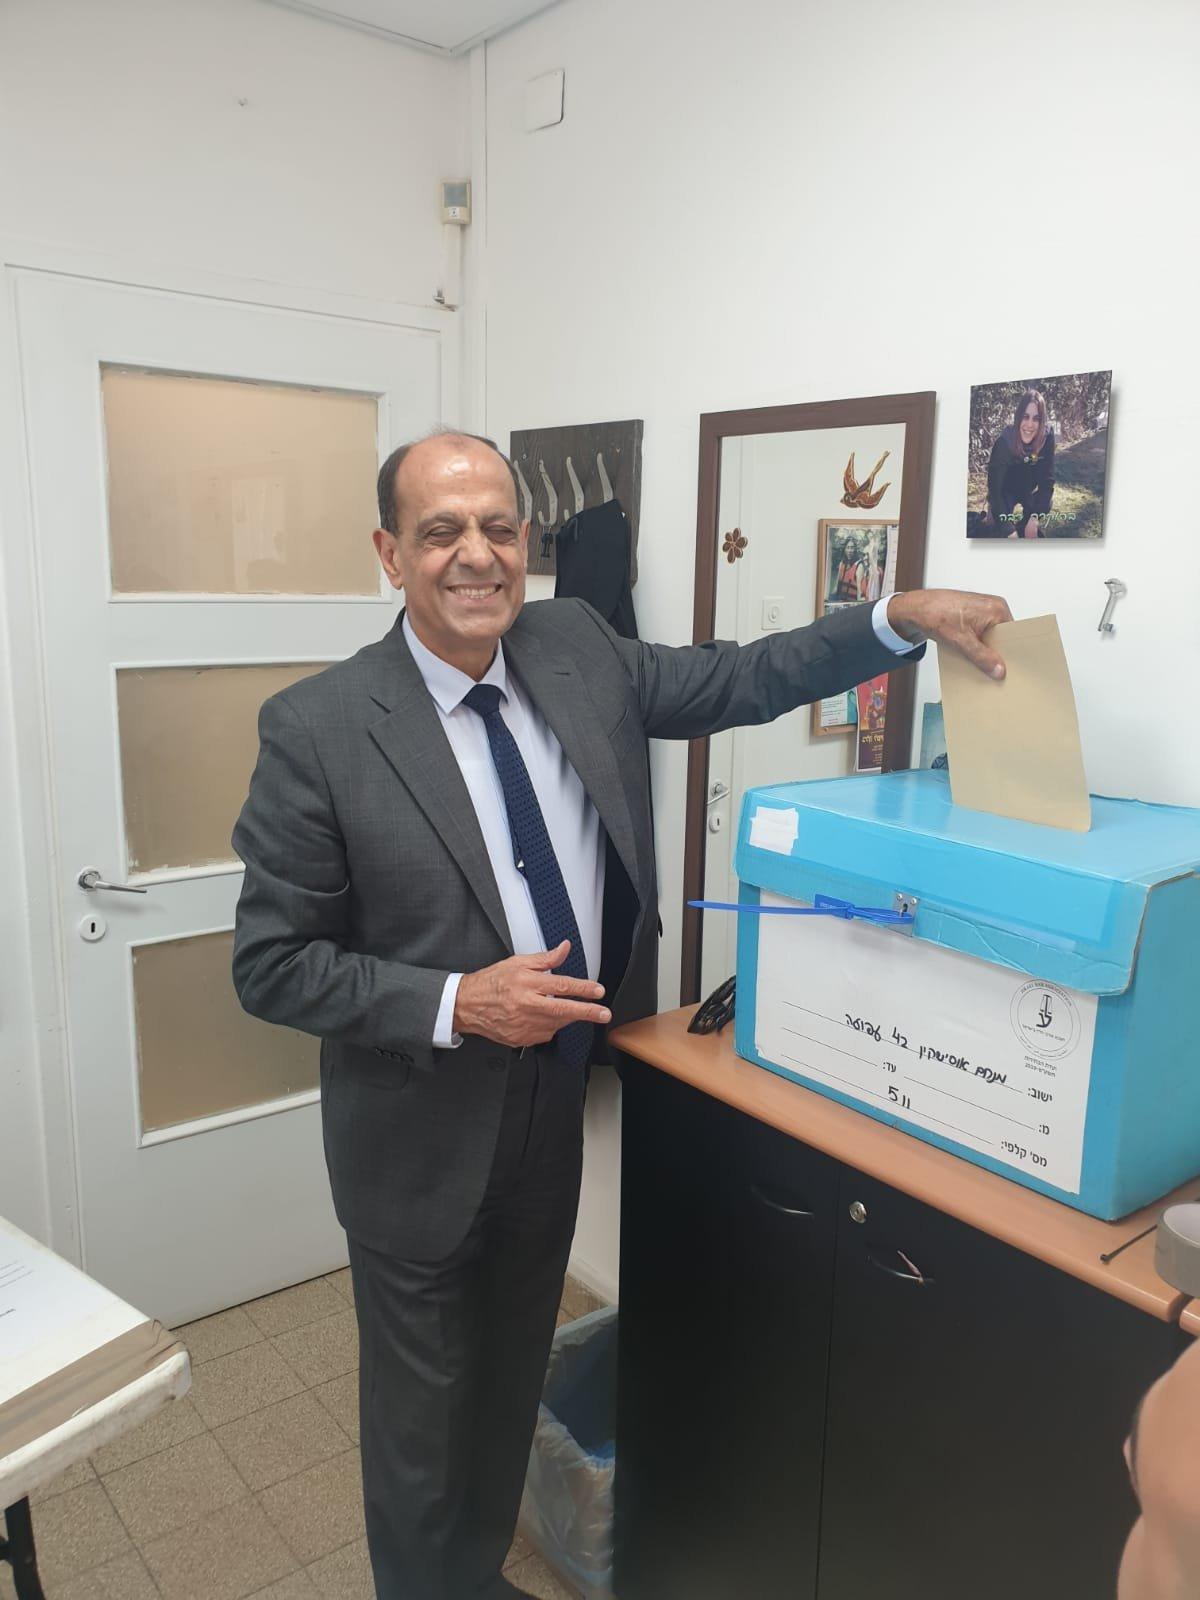 اغلاق الصناديق في انتخابات نقابة المحامين .. بانتظار النتائج